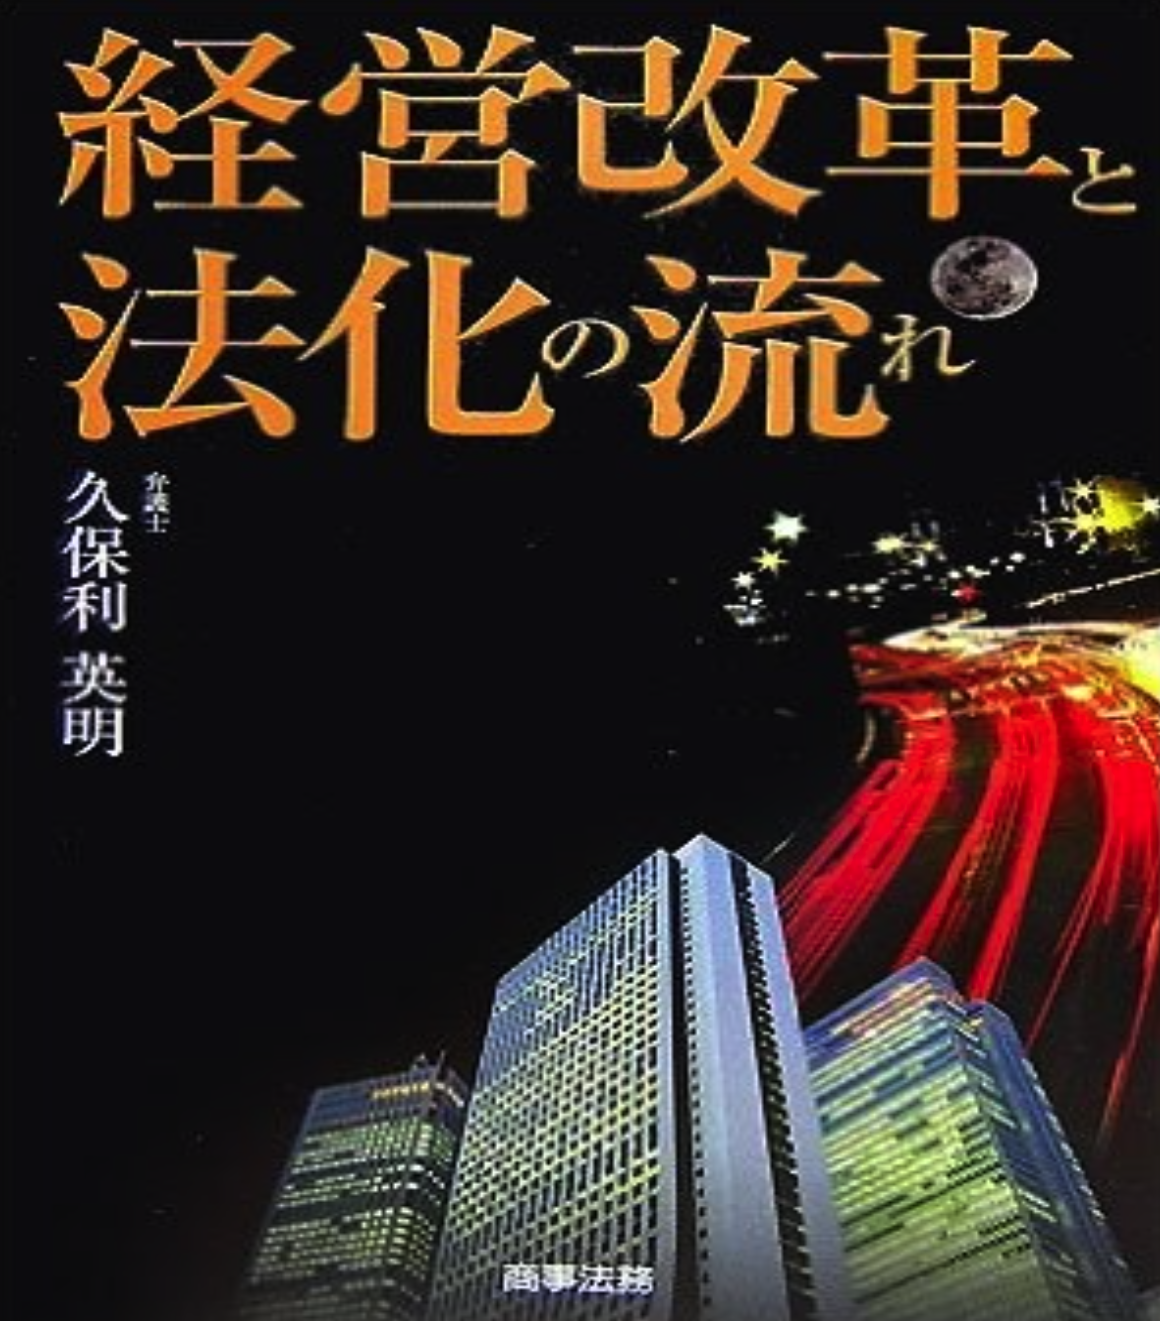 商事法務   2007年11月